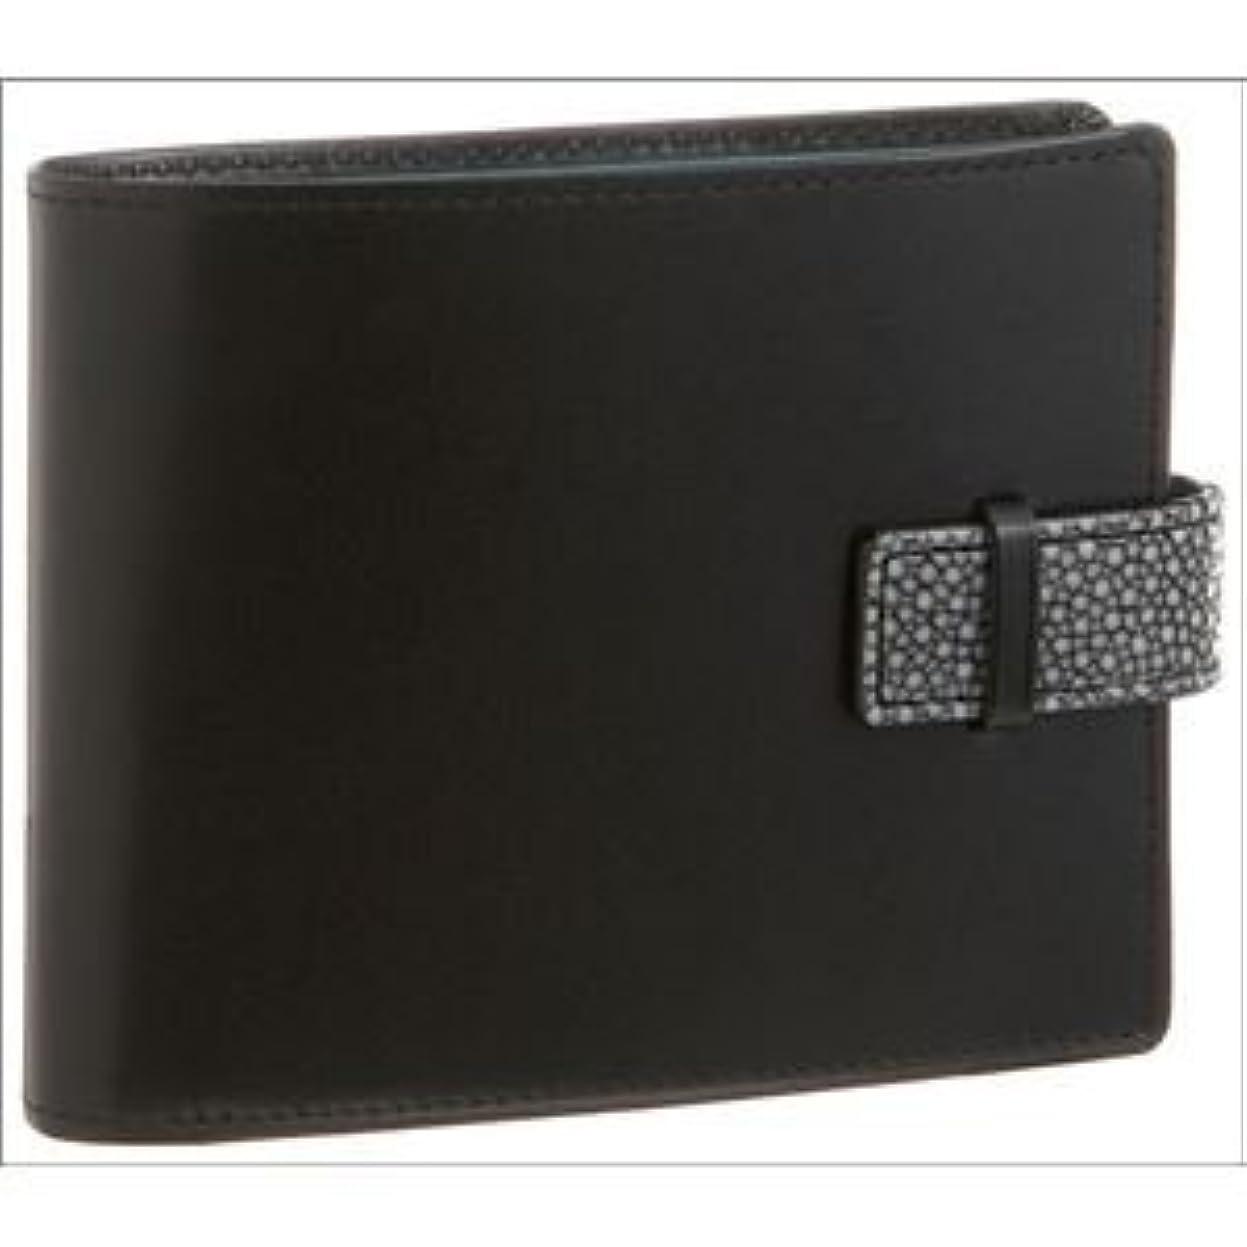 ヘッジ同様の週末Colore Borsa(コローレボルサ) 二つ折りコインケース付き財布 ブラック MG-001